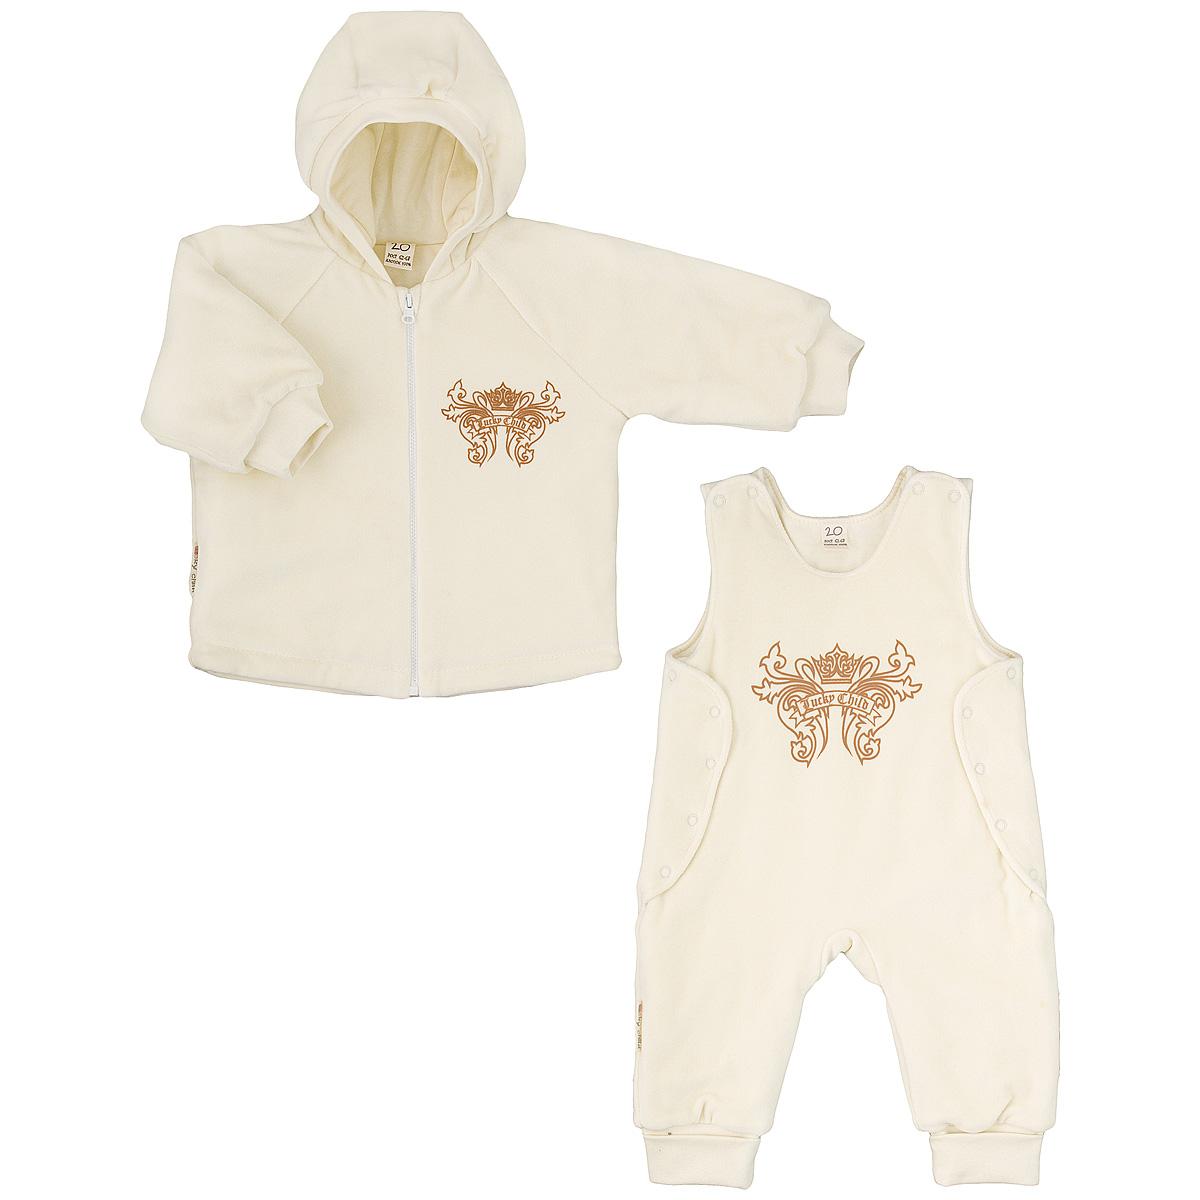 Комплект детский Lucky Child: куртка, полукомбинезон, цвет: экрю. 5-5. Размер 62/685-5Утепленный детский комплект Lucky Child идеально подойдет для ребенка в прохладное время года. Комплект состоит из куртки и полукомбинезона, изготовленных из велюра с утеплителем из синтепона, а для максимального комфорта на подкладке используется натуральный хлопок, который не раздражает нежную кожу ребенка и хорошо сохраняет тепло. Комплект необычайно мягкий и приятный на ощупь, не сковывает движения малыша и позволяет коже дышать, обеспечивая ему наибольший комфорт. Куртка с капюшоном и длинными рукавами-реглан застегивается на пластиковую застежку-молнию. Рукава дополнены широкими трикотажными манжетами, не стягивающими запястья. На груди она оформлена оригинальным принтом в виде логотипа бренда. Полукомбинезон застегивается сверху на кнопки, а по бокам дополнен специальными клапанами на кнопках, которые позволяют без труда переодеть малыша. Снизу брючин предусмотрены широкие трикотажные манжеты. На груди он декорирован таким же рисунком, как на куртке. Комфортный, удобный и практичный этот комплект идеально подойдет для прогулок и игр на свежем воздухе!